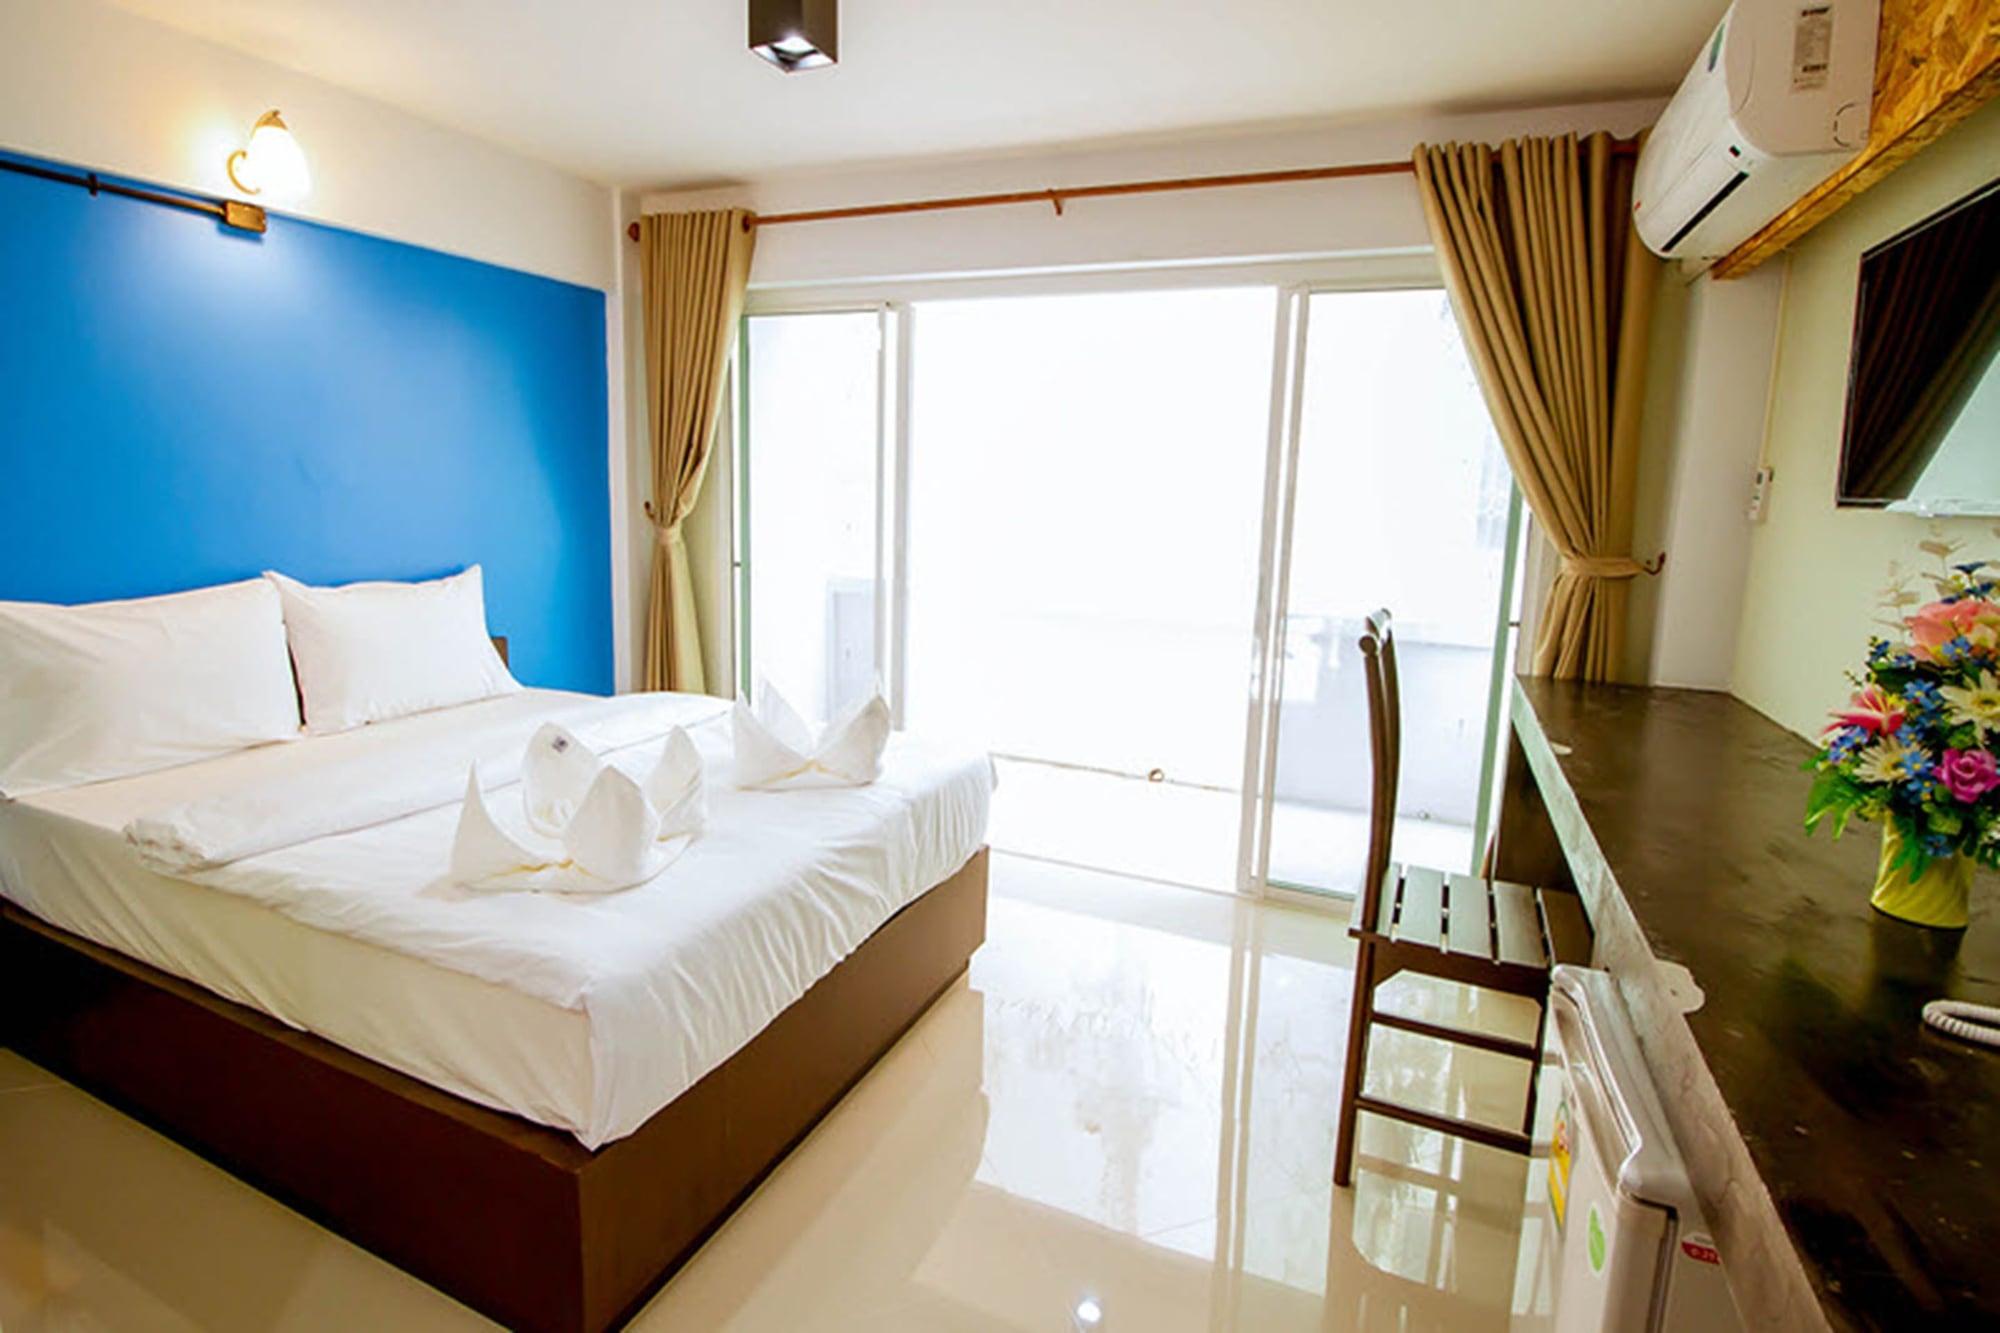 Vatchara Northgate Hotel, Muang Nakhon Sawan